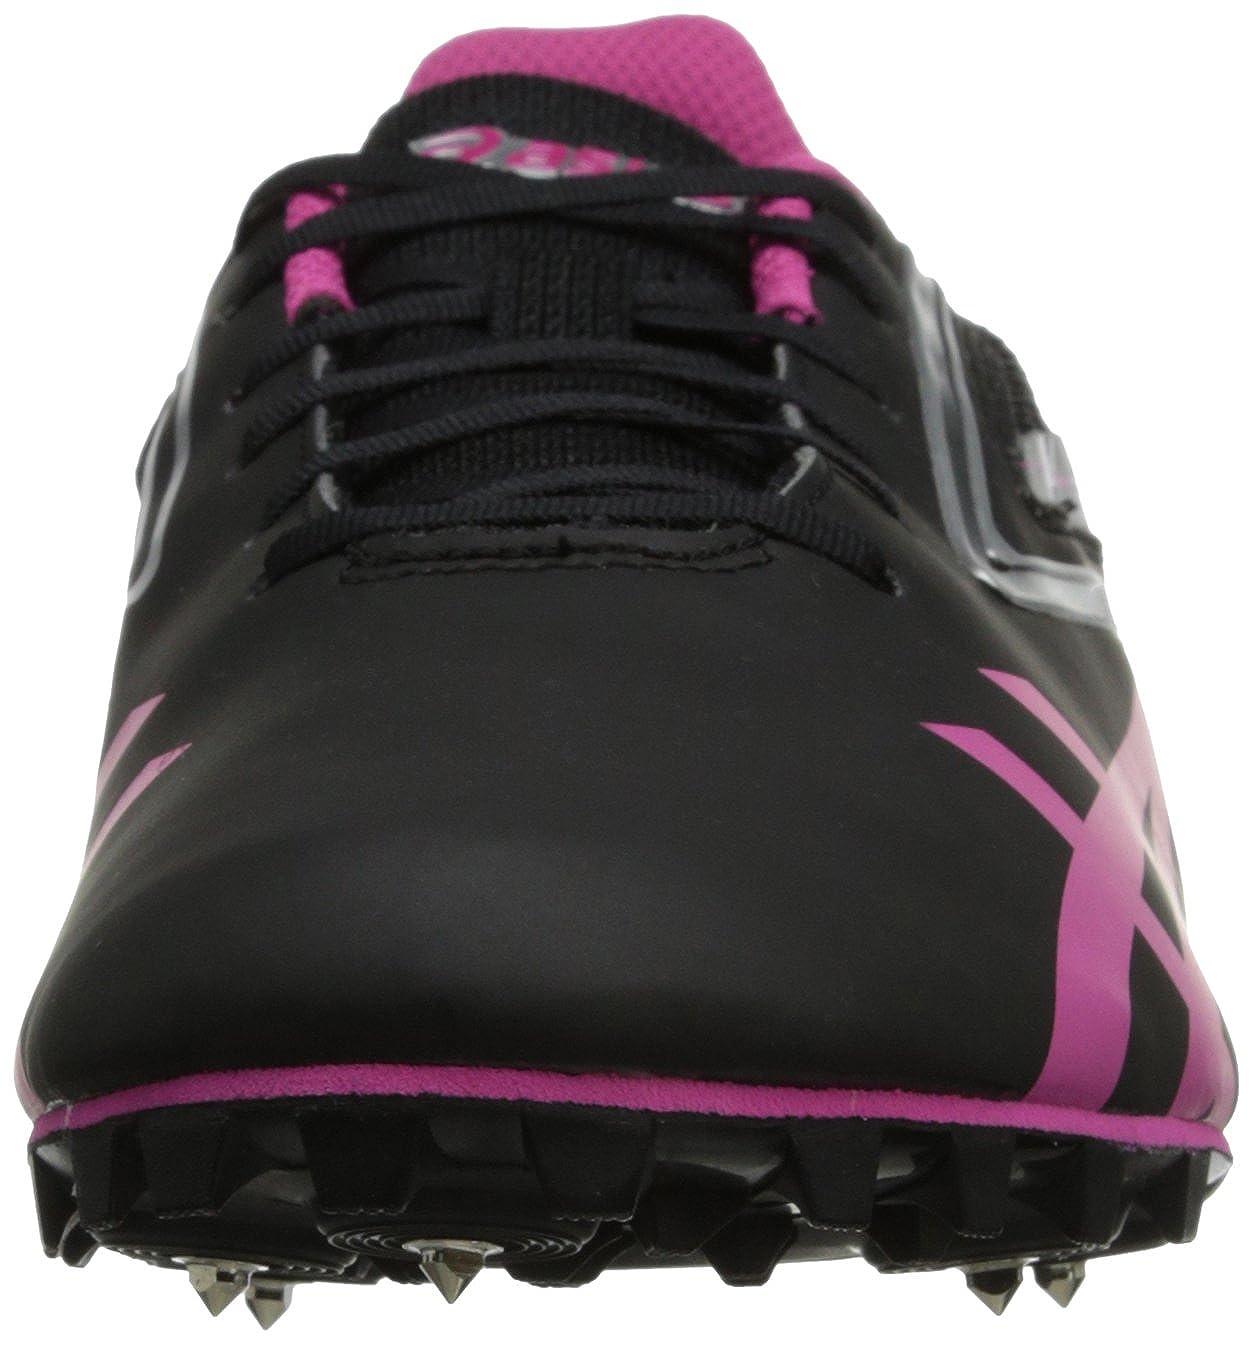 ASICS - Leichtathletik Frauen Leichtathletik - Hyper Rocket-Mädchen Sp Schuhe In Blk/Himbeere / SilBlk/Raspberry/Sil 86ae69